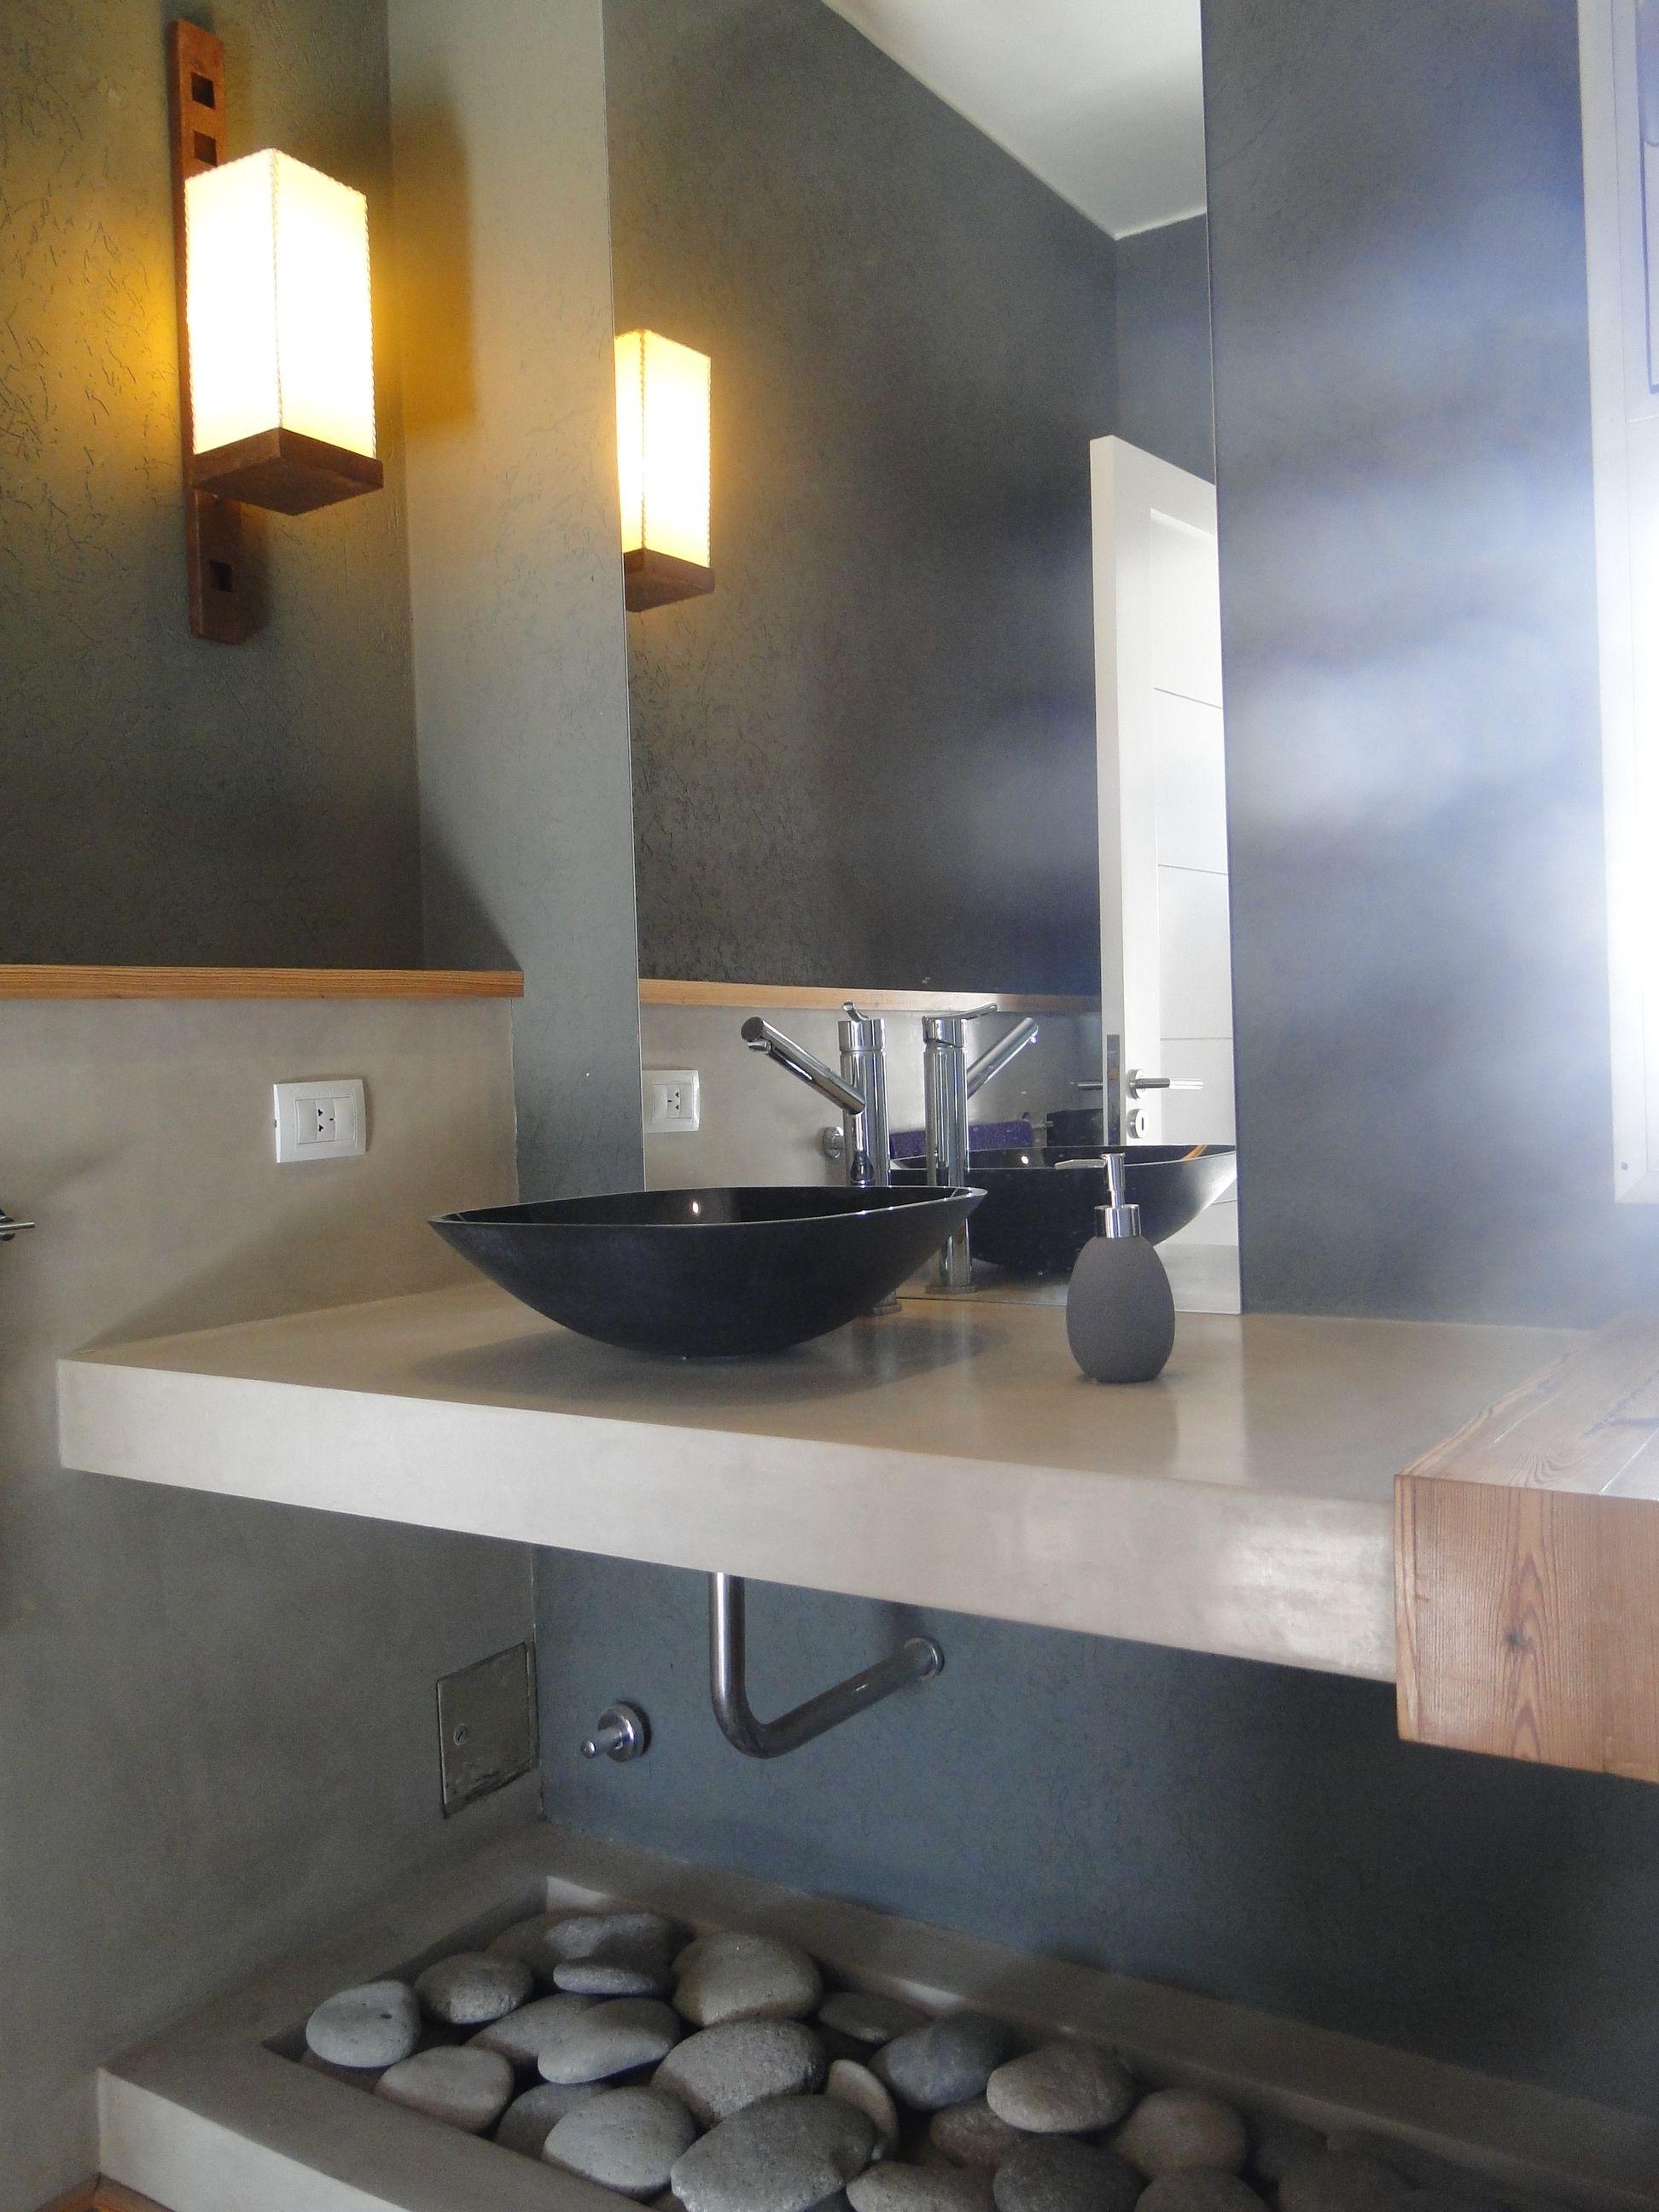 Toilette Mesada Microcemento Bano Microcemento Muebles De Bano